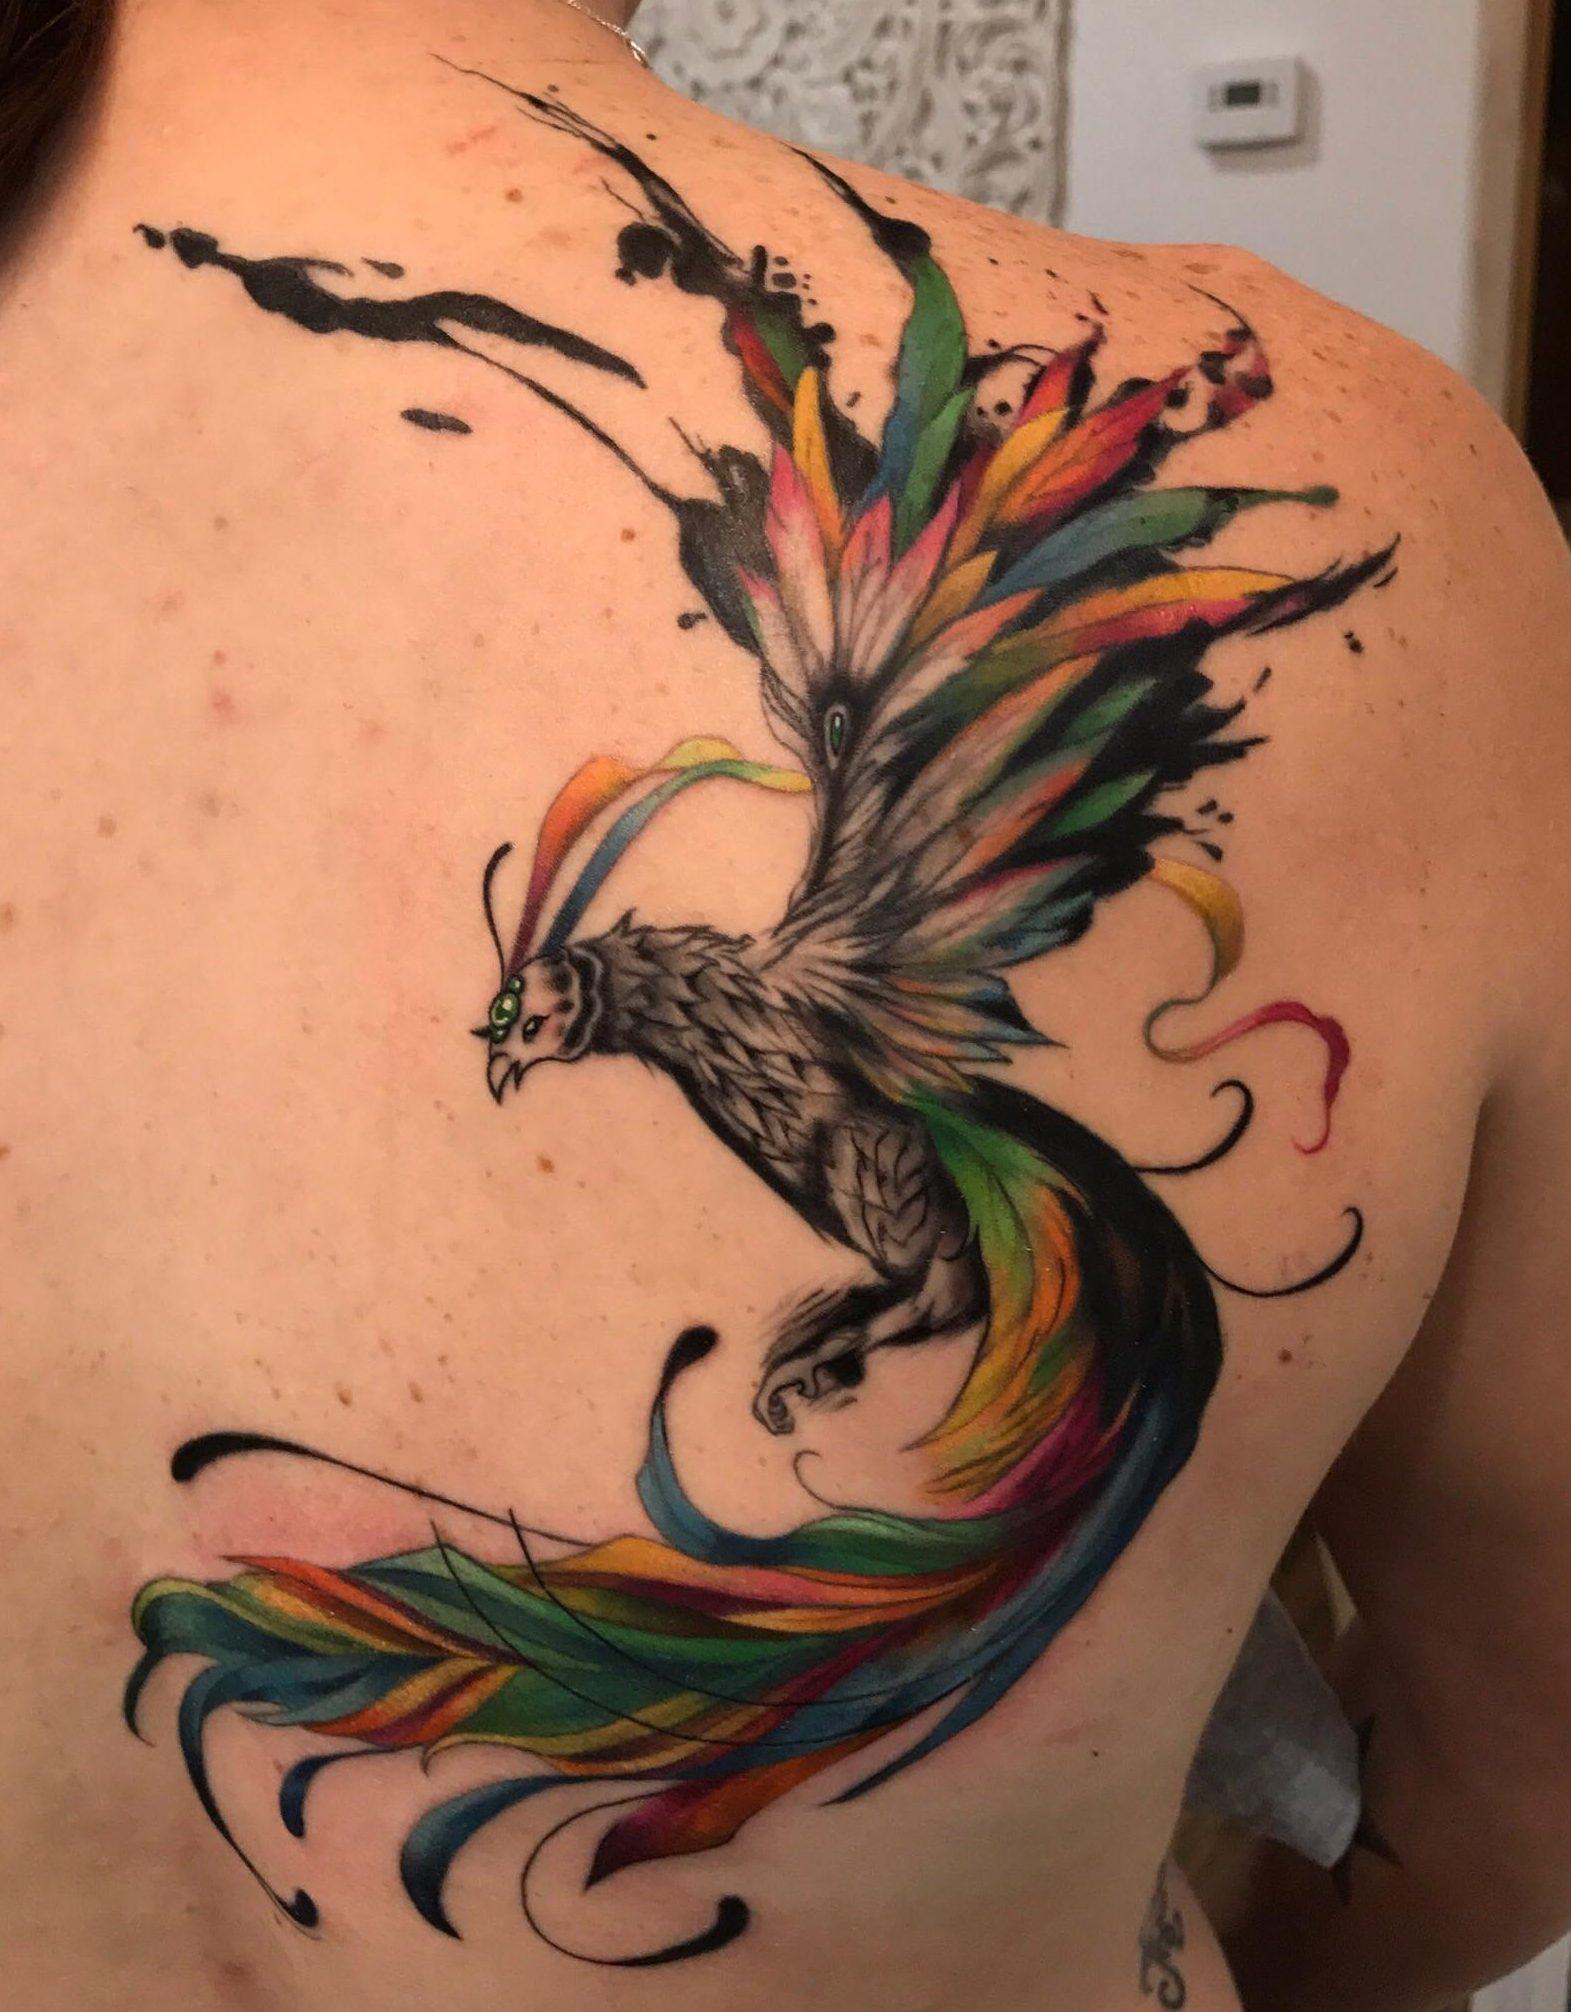 Best Spots for a Phoenix Tattoo